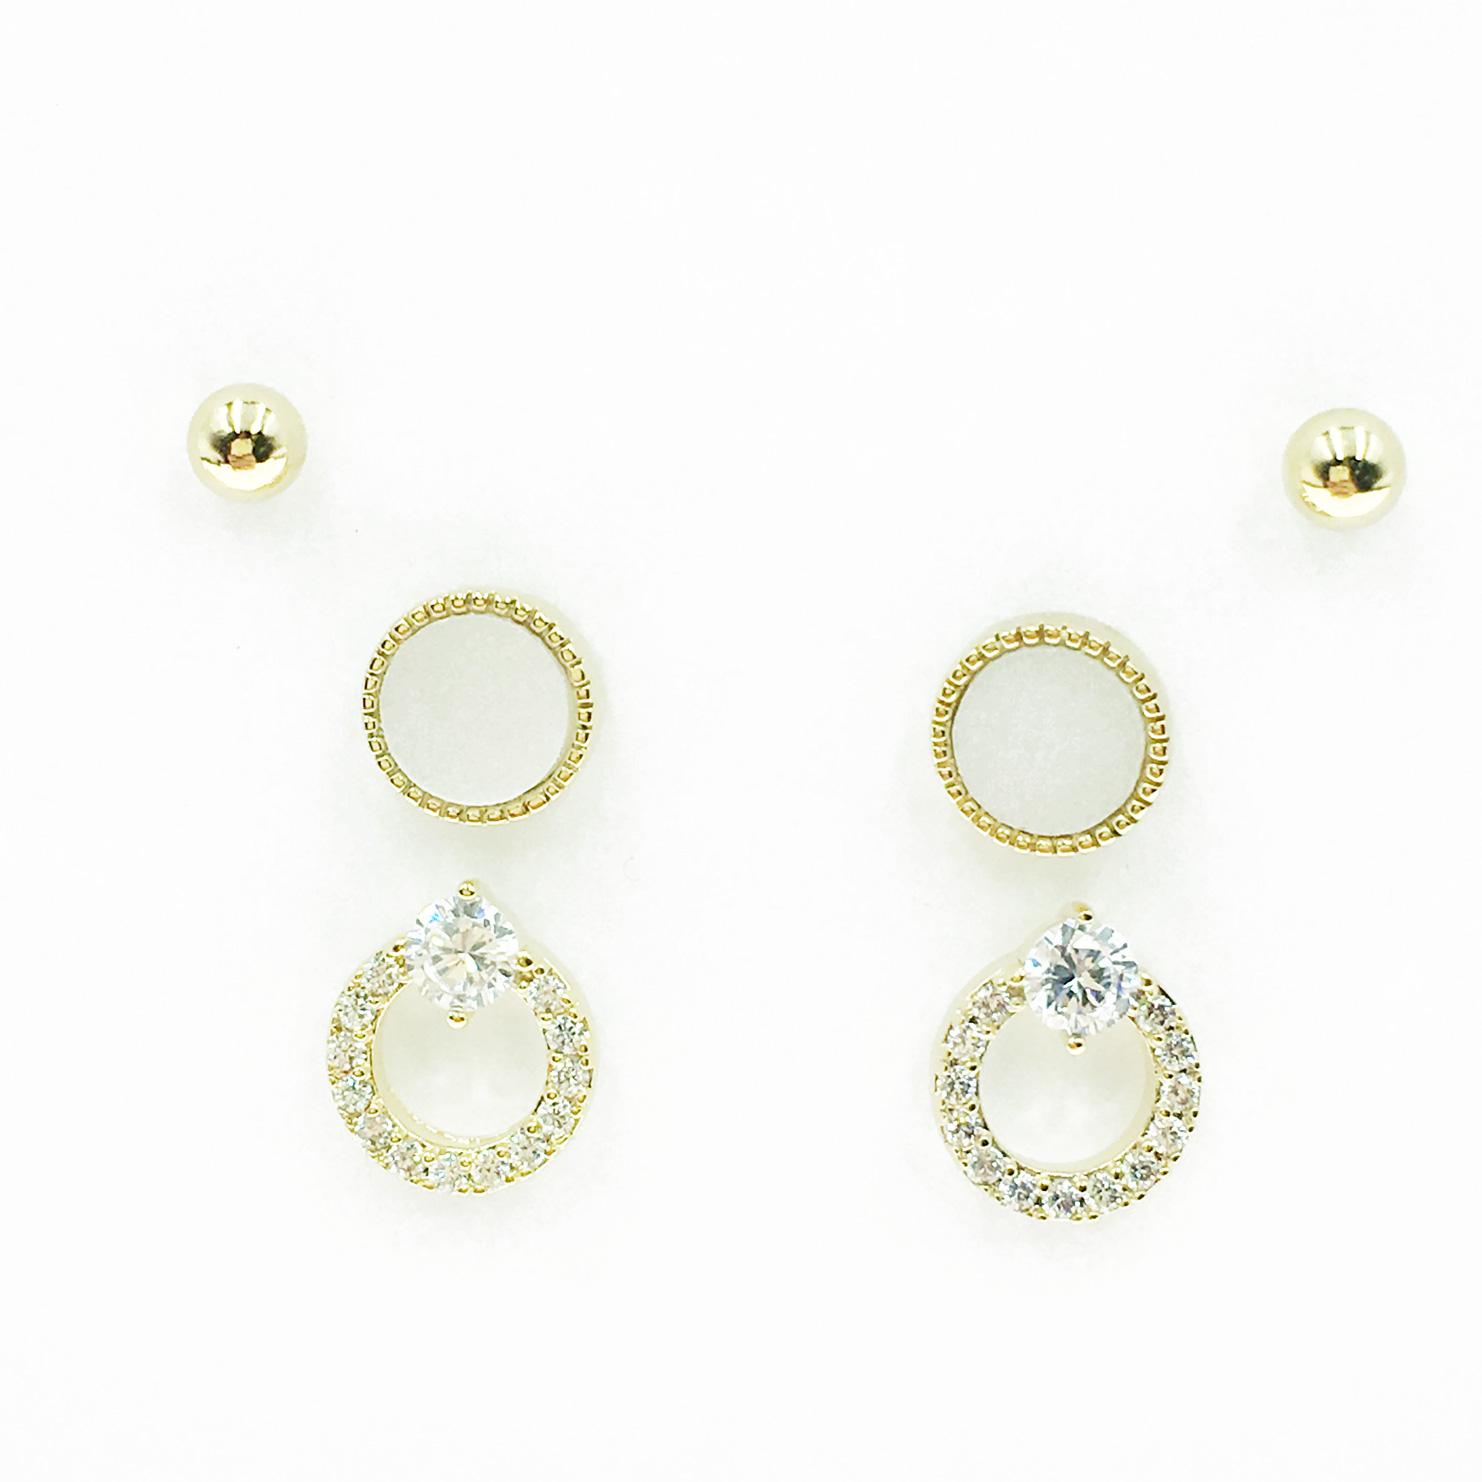 韓國 925純銀 小金珠 簍空 水鑽 3對組 耳針式耳環